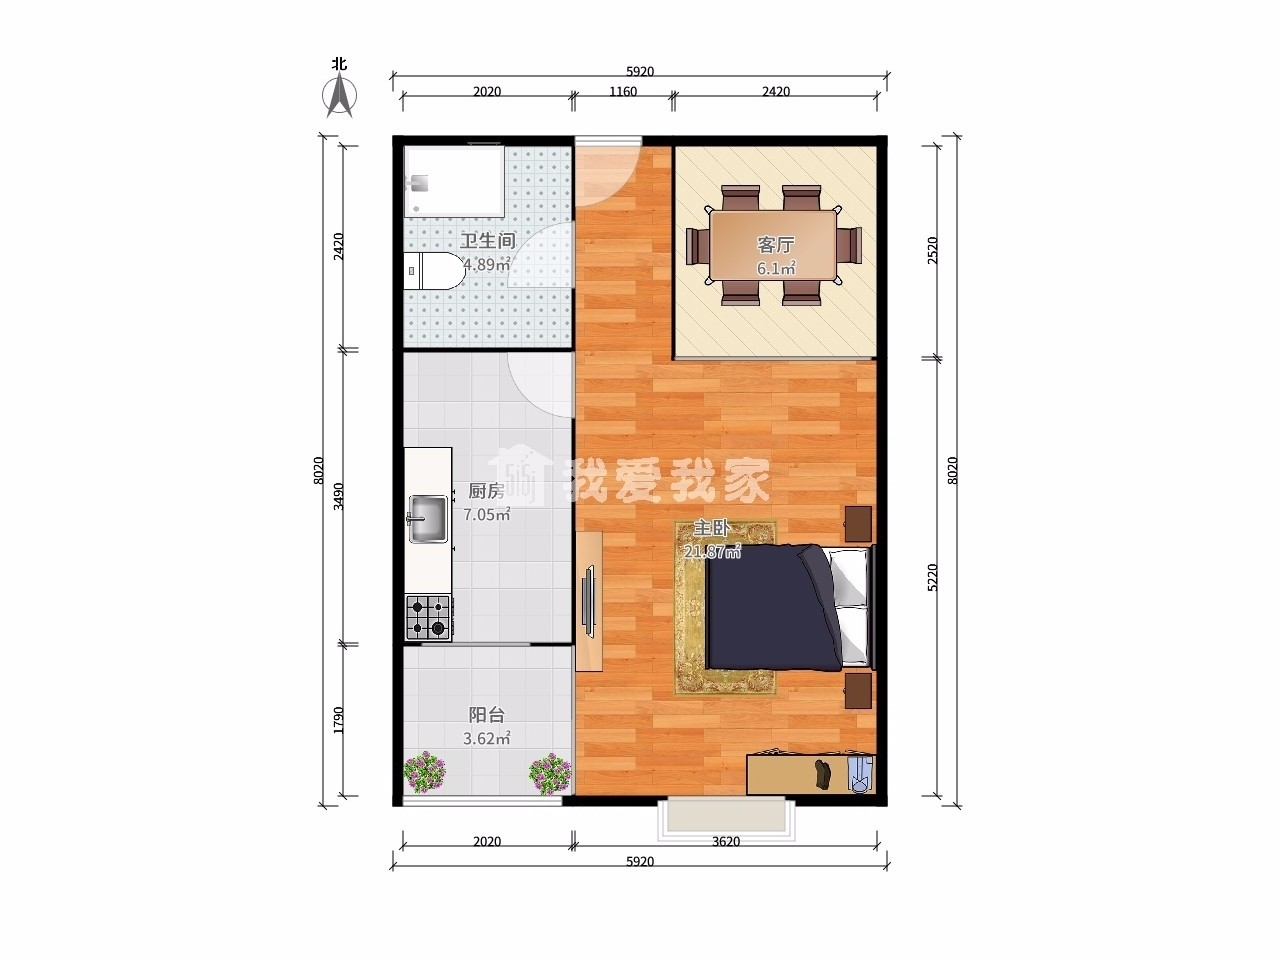 鼓楼区龙江天玺国际广场1室1厅户型图